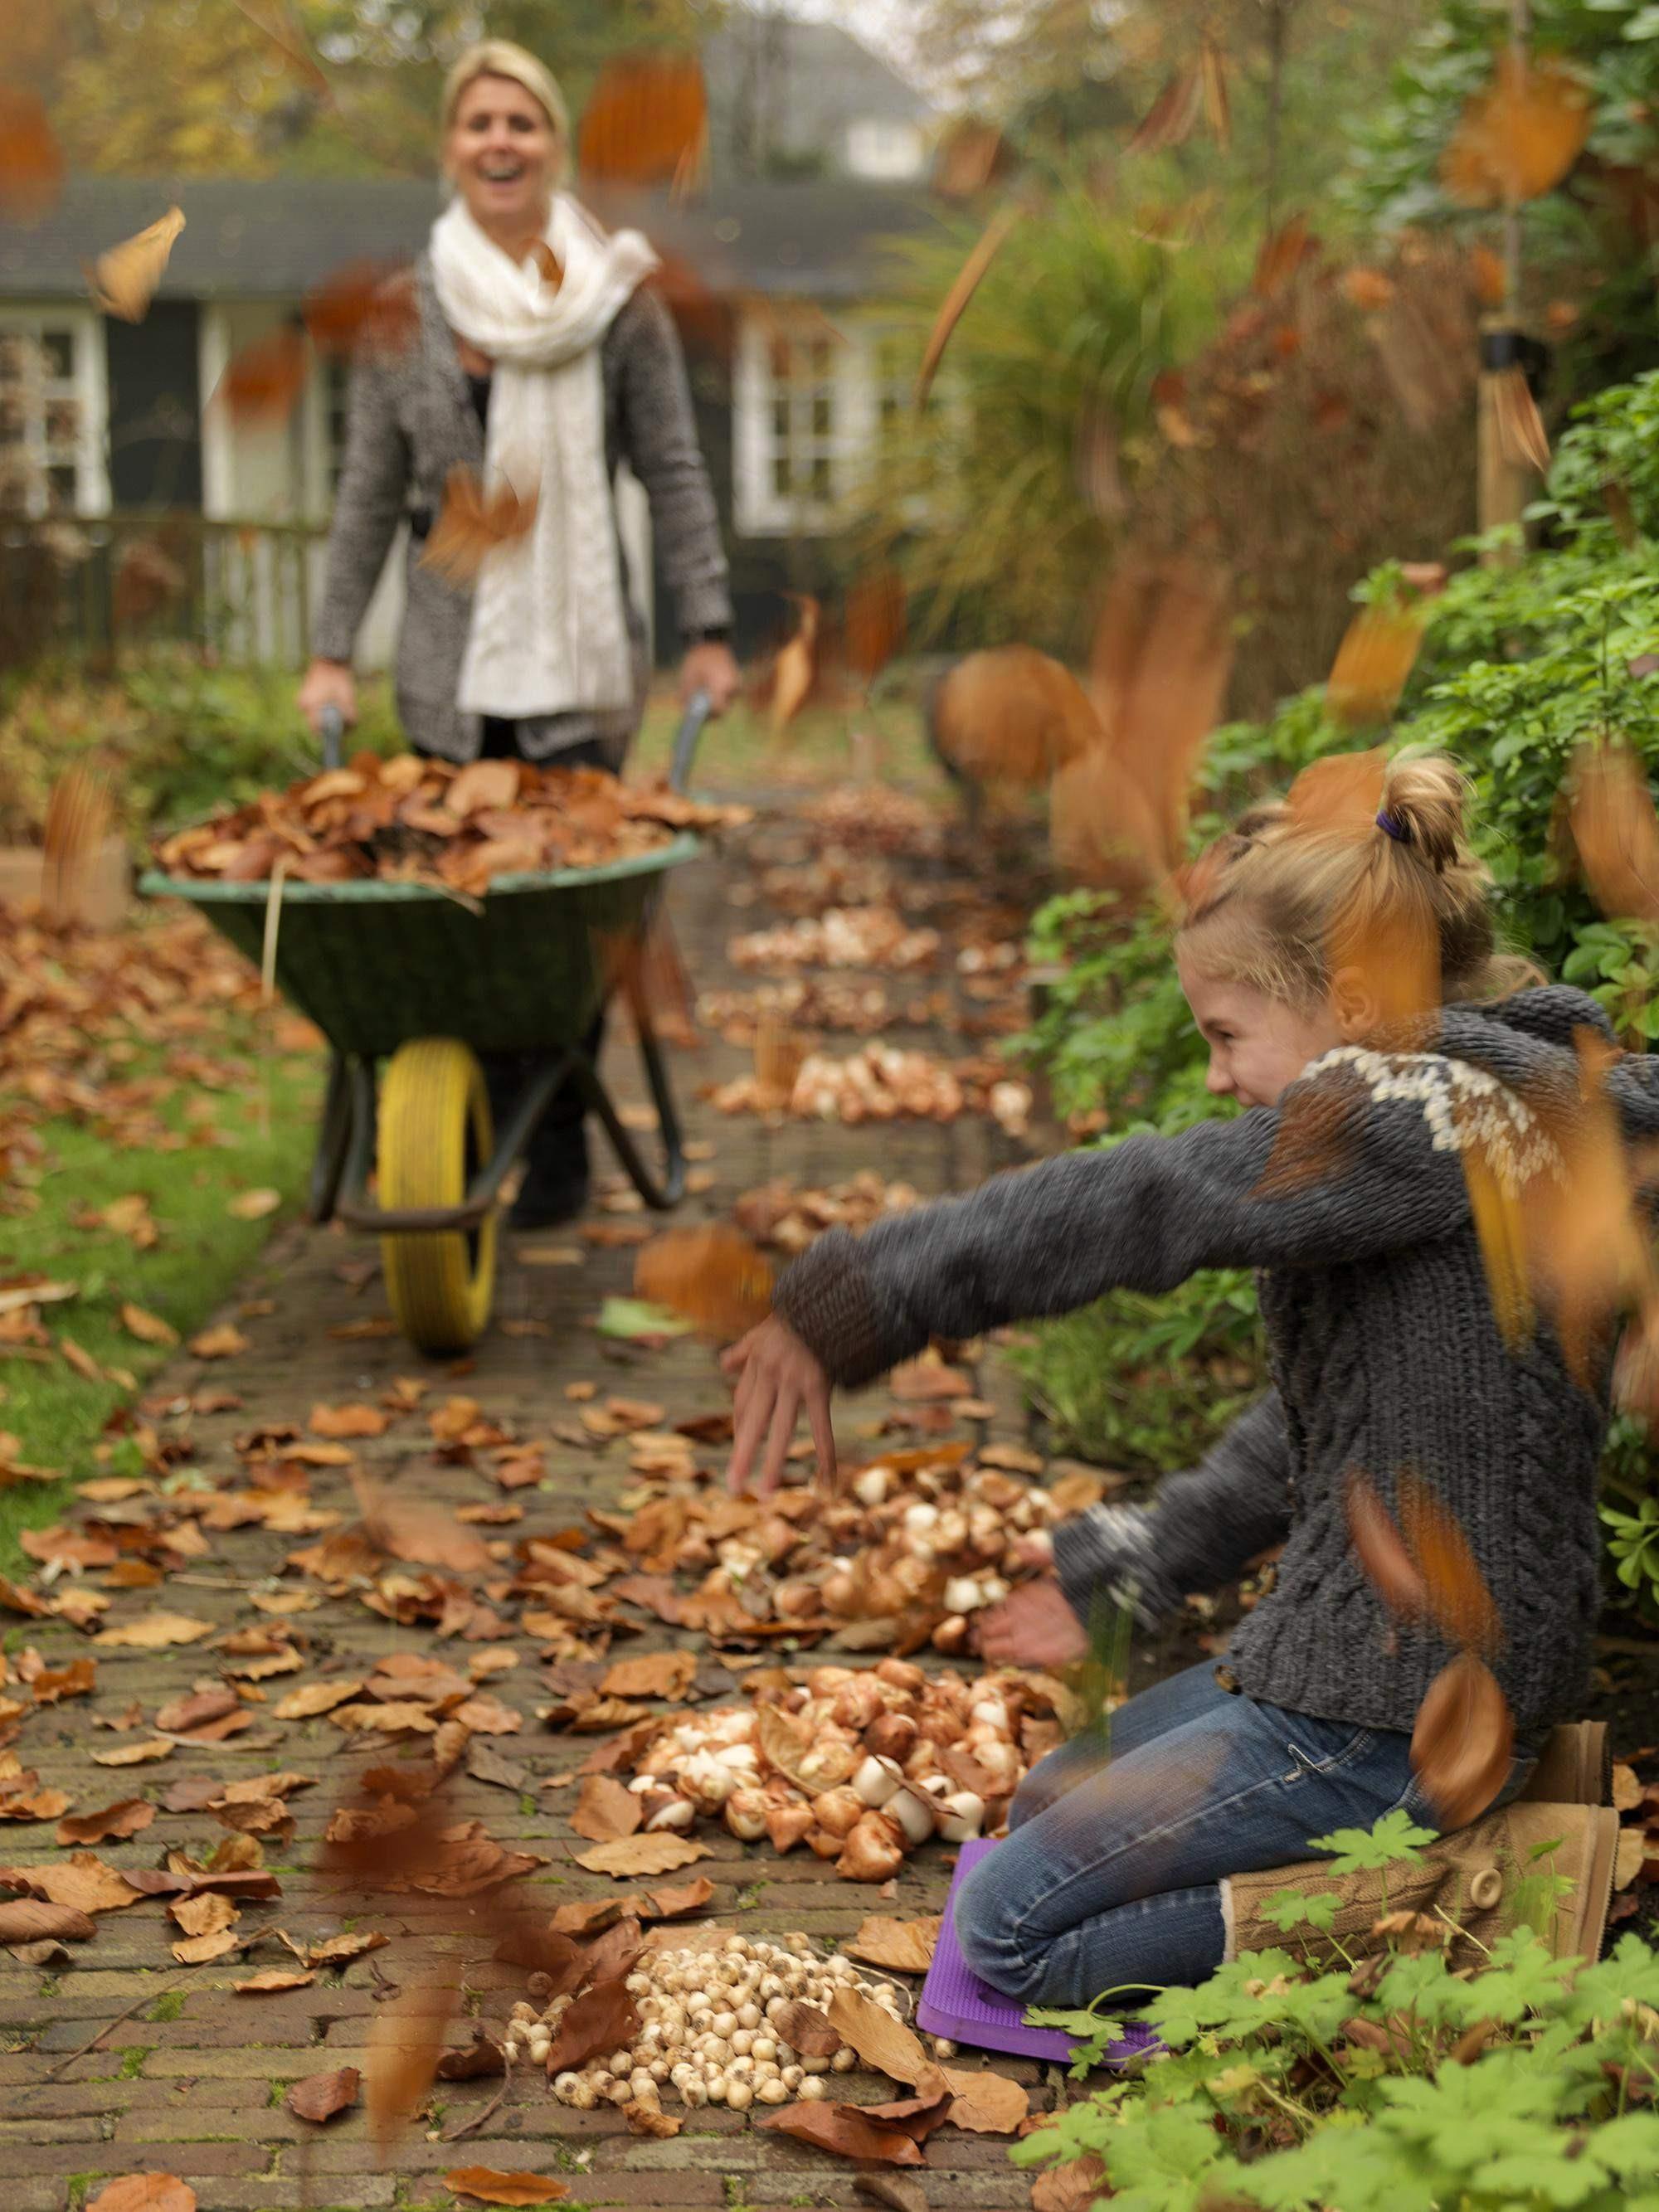 Plume Dans La Cuisine Inspirant Galerie 12 Luxe Le Jardin De L Olivier Cuisine Et Jardin Cuisine Et Jardin